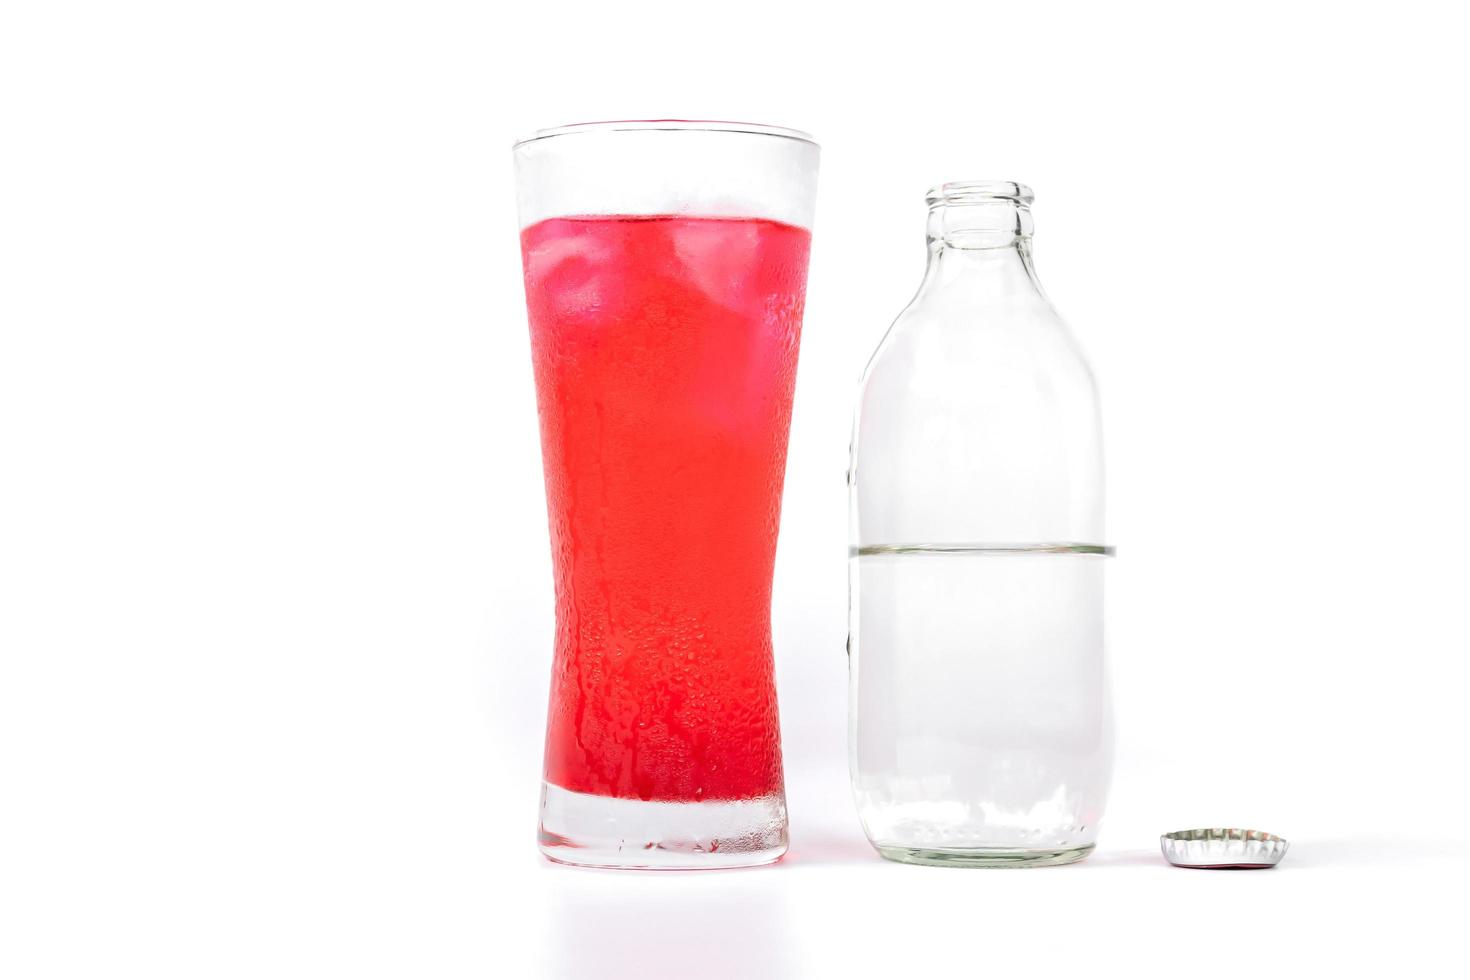 vaso de néctar rojo mezclado con refresco y botella de refresco foto